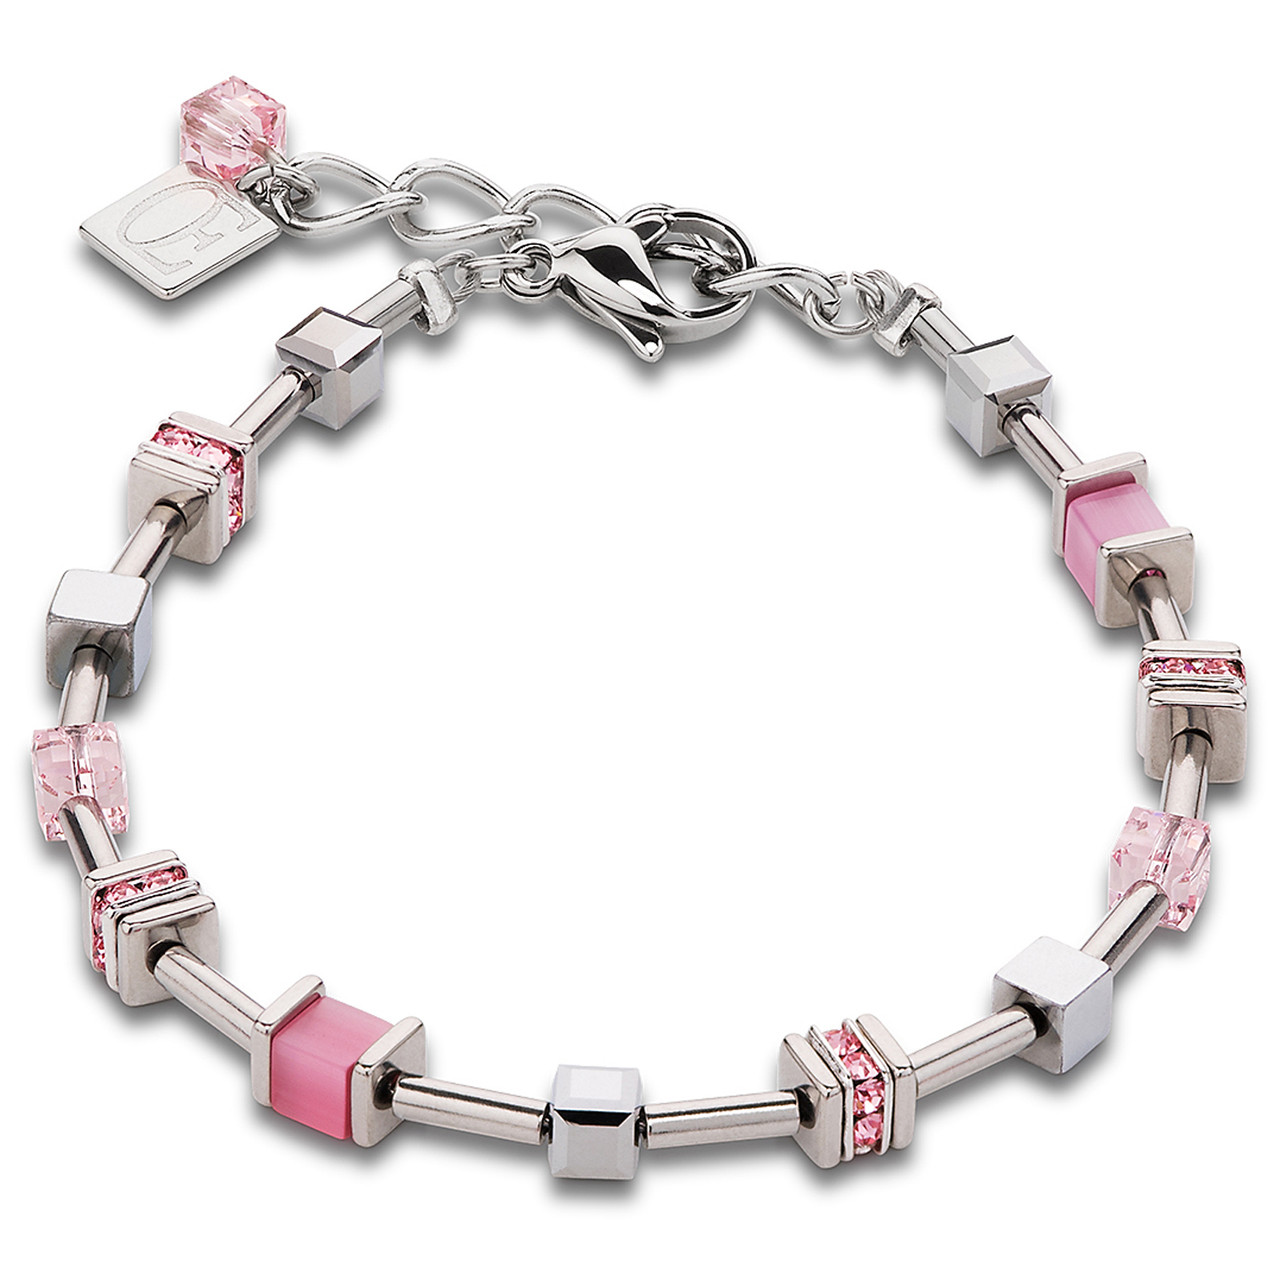 Coeur De Lion Stainless-Steel Swarovski Crystals Pave Rose Bracelet  4893-30-1900 4ade3b4cfc19